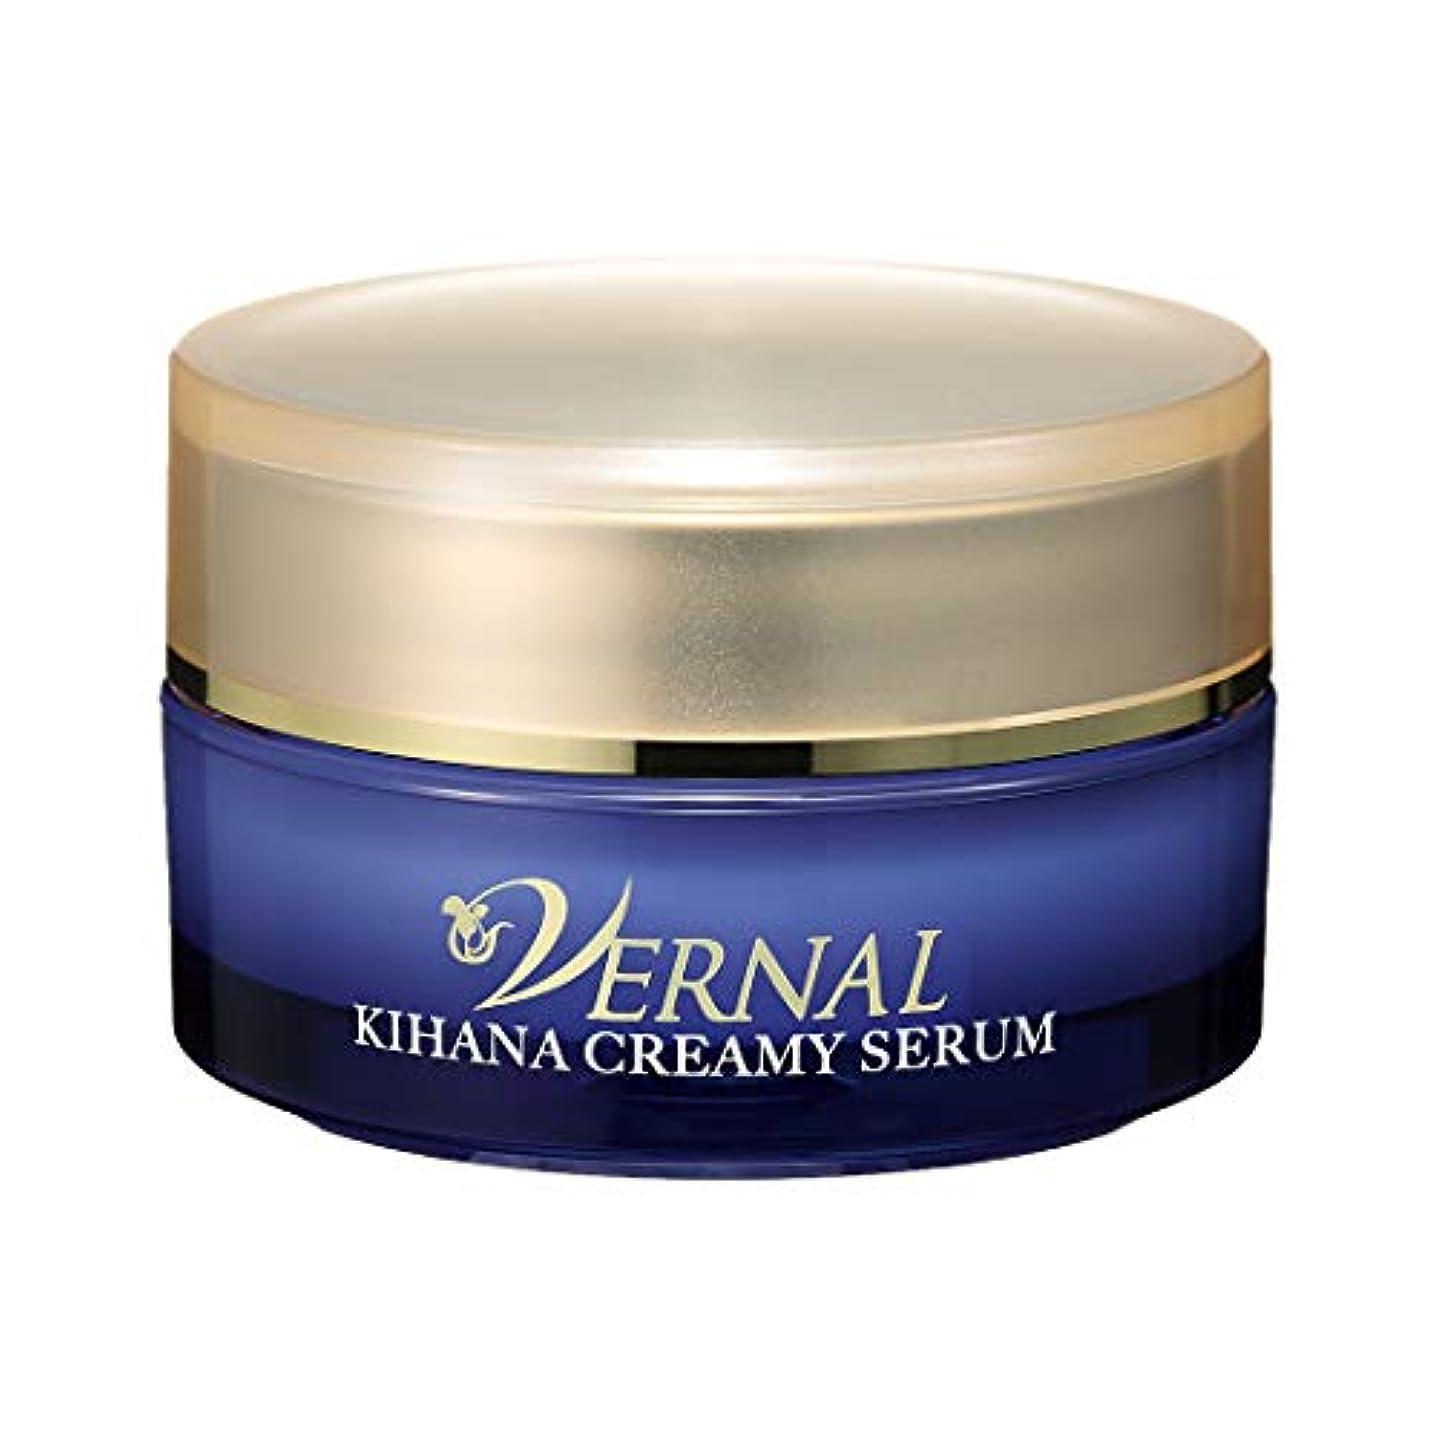 用心する動作勇気キハナクリーミーセラム 30g/ヴァーナル 美容液 美容クリーム